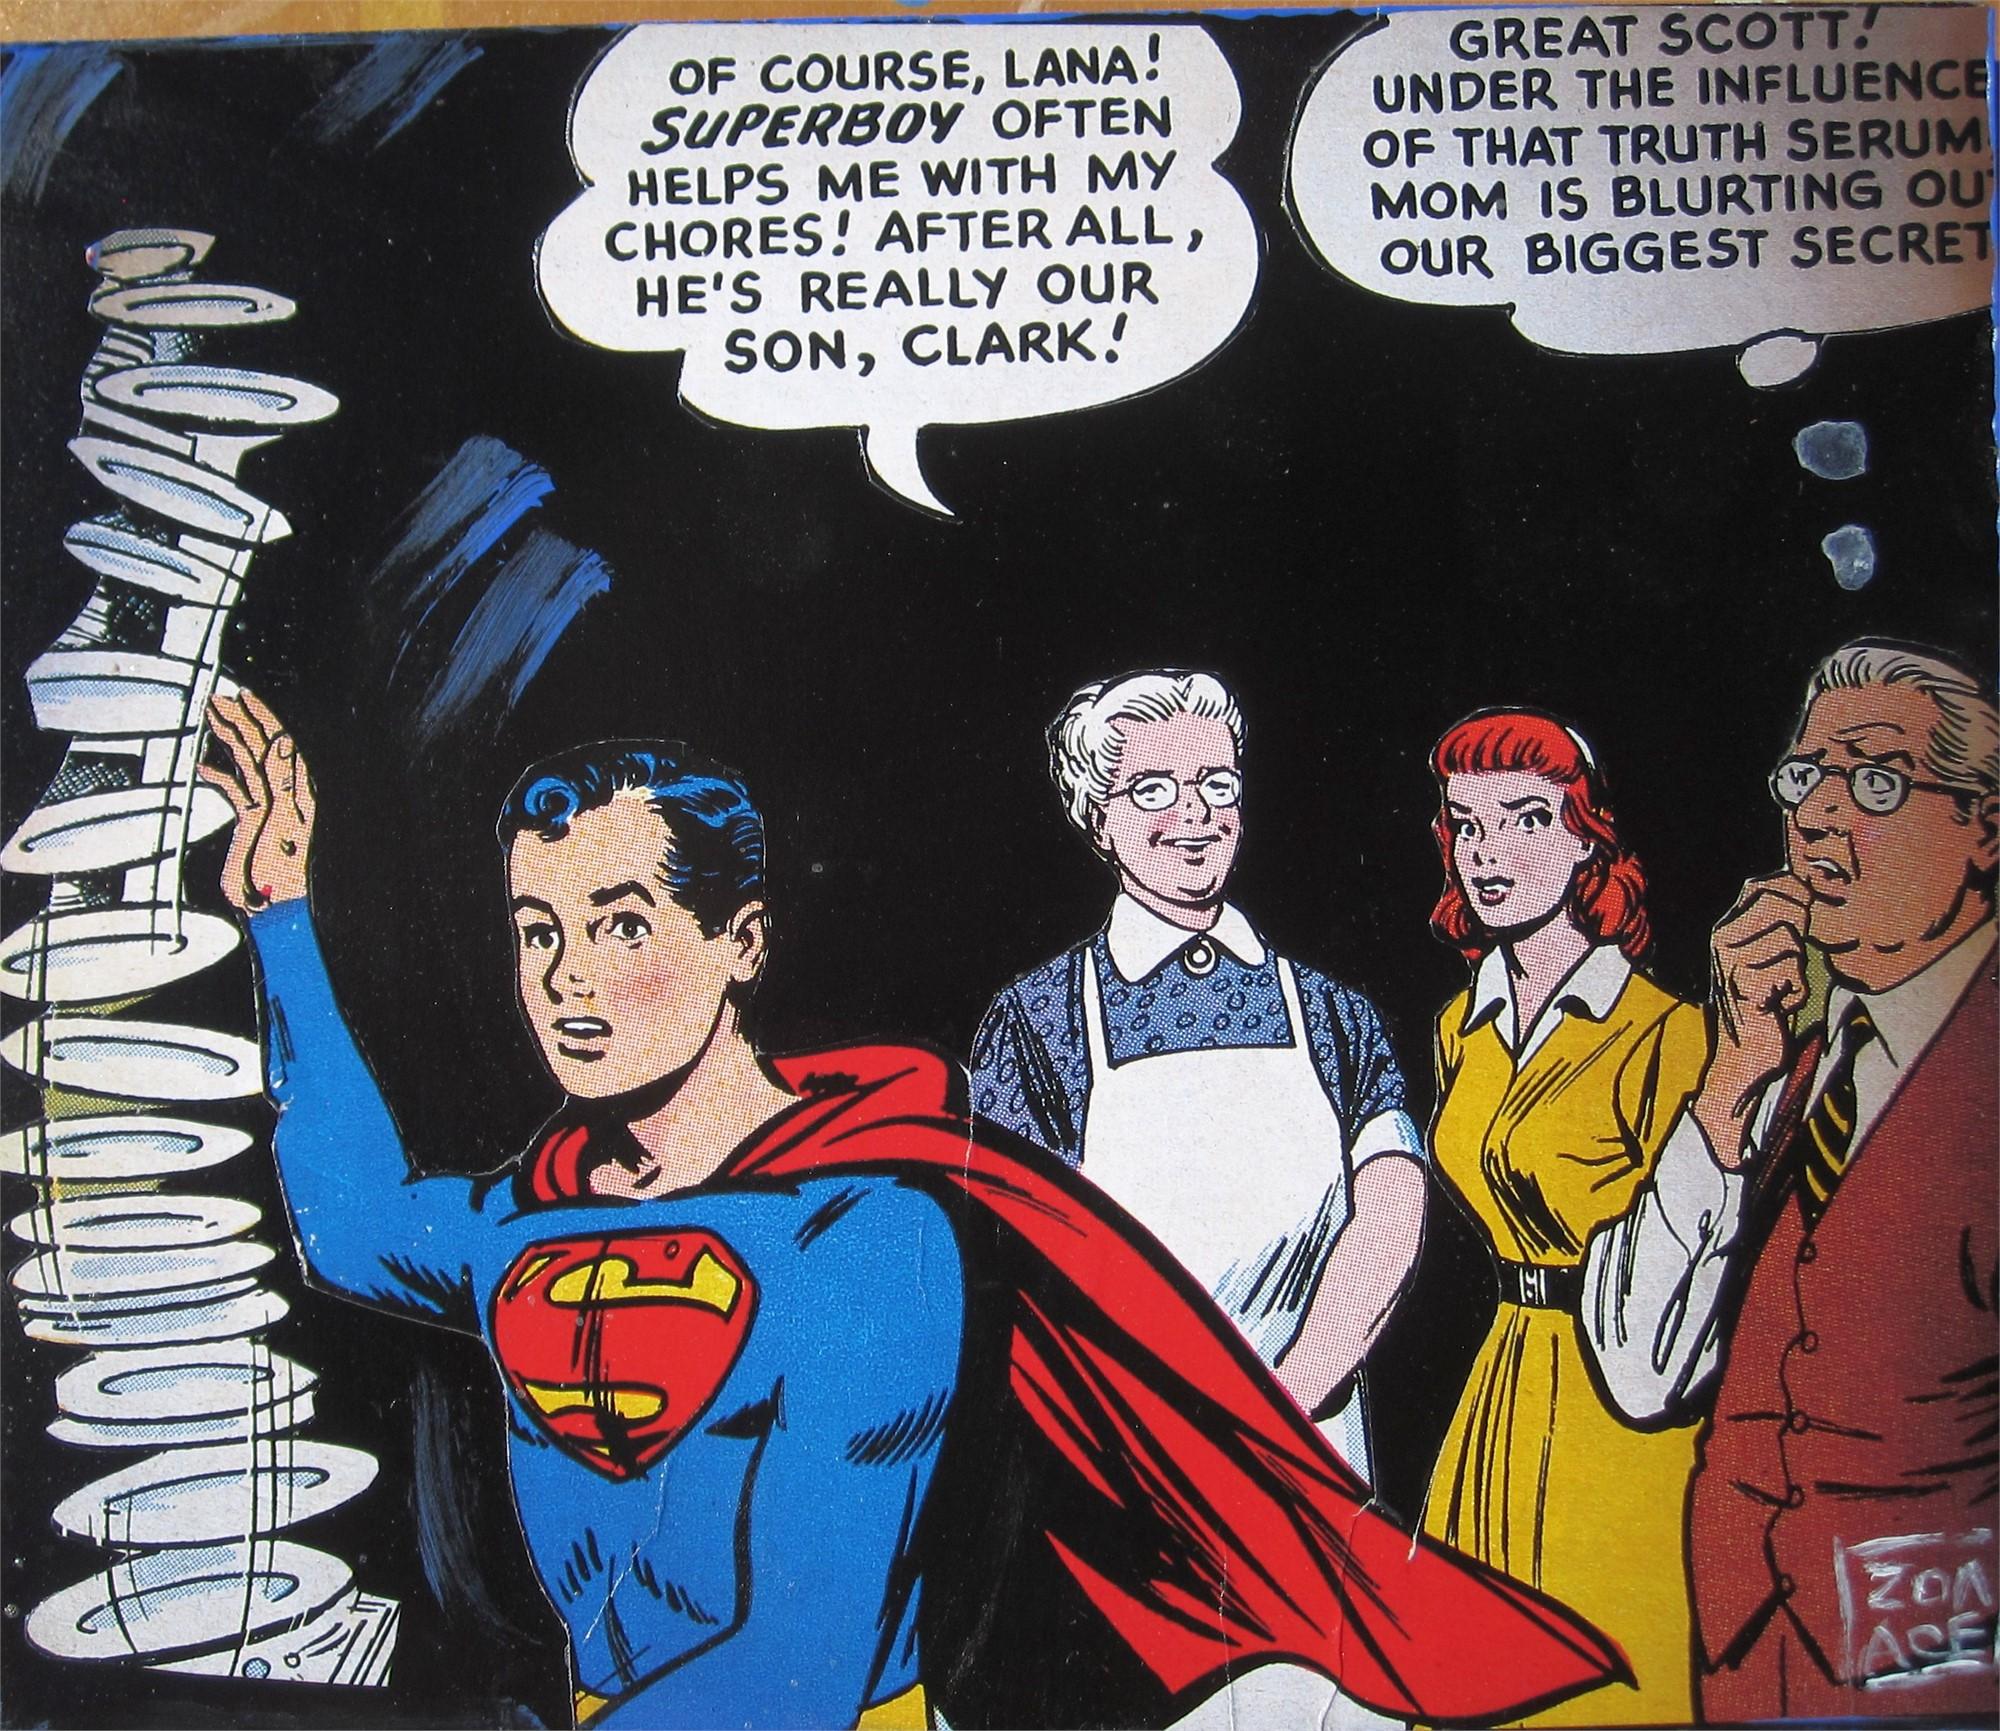 Super Boy by Zoa Ace